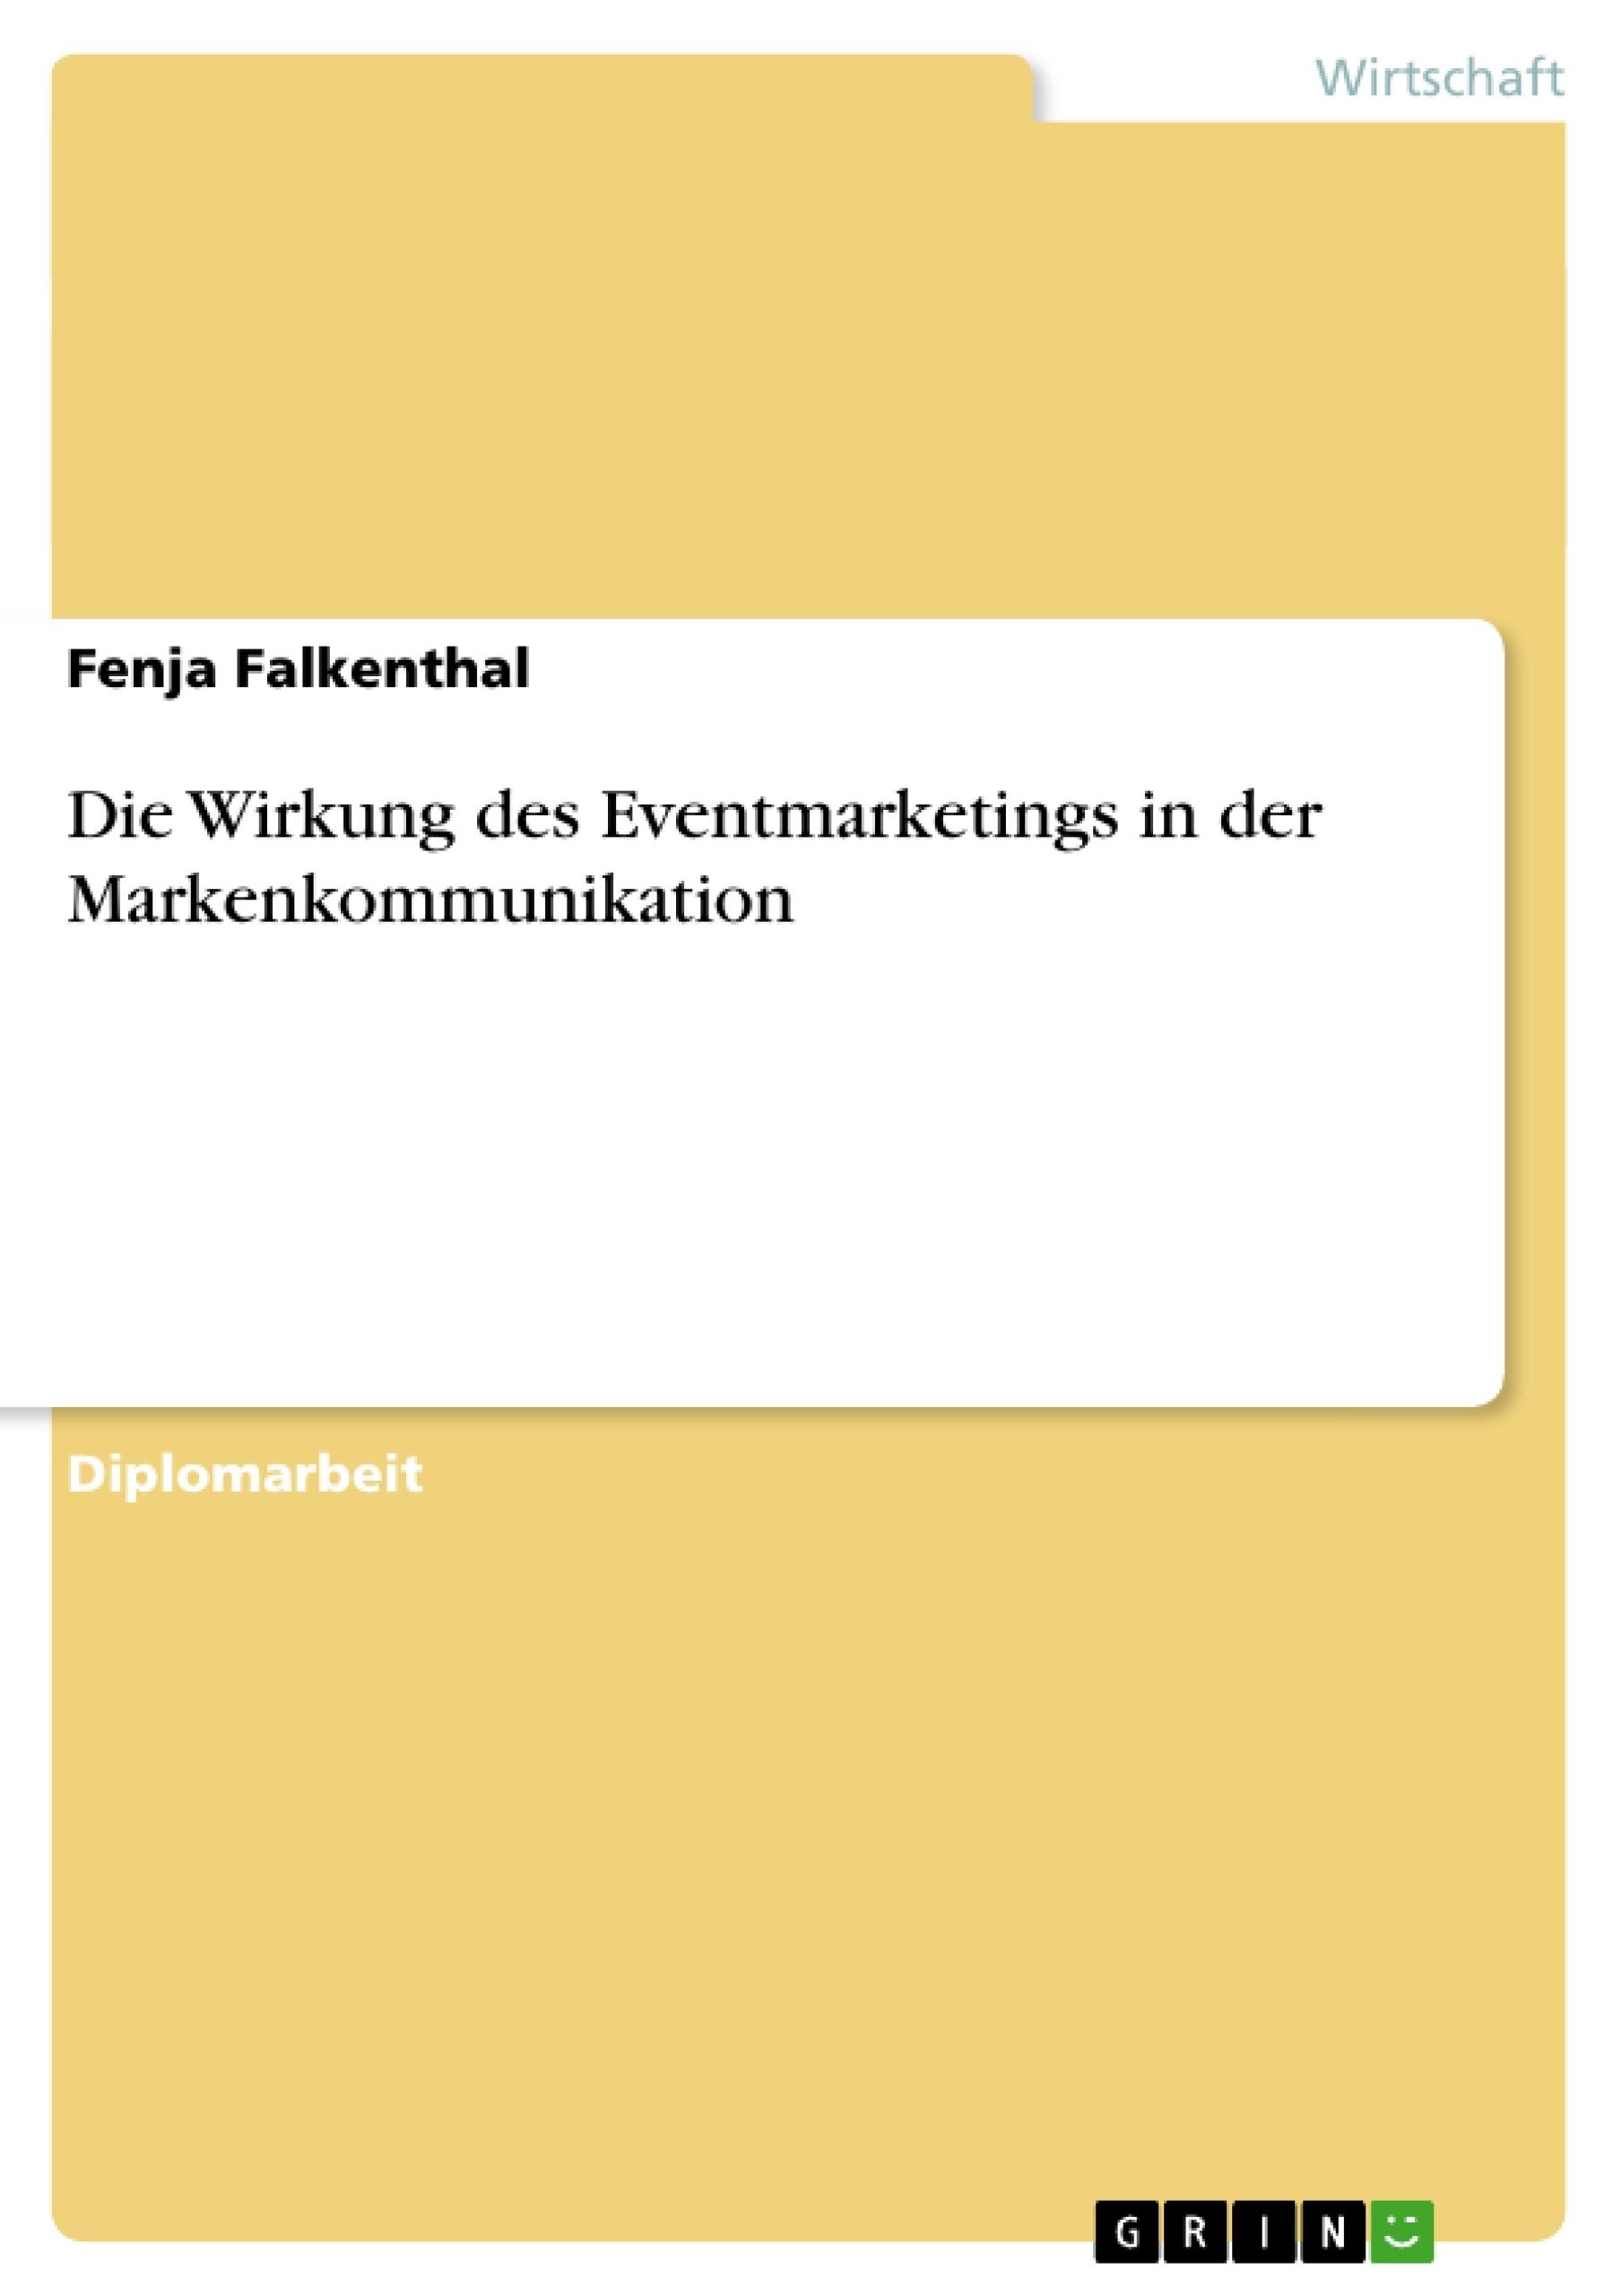 Titel: Die Wirkung des Eventmarketings in der Markenkommunikation